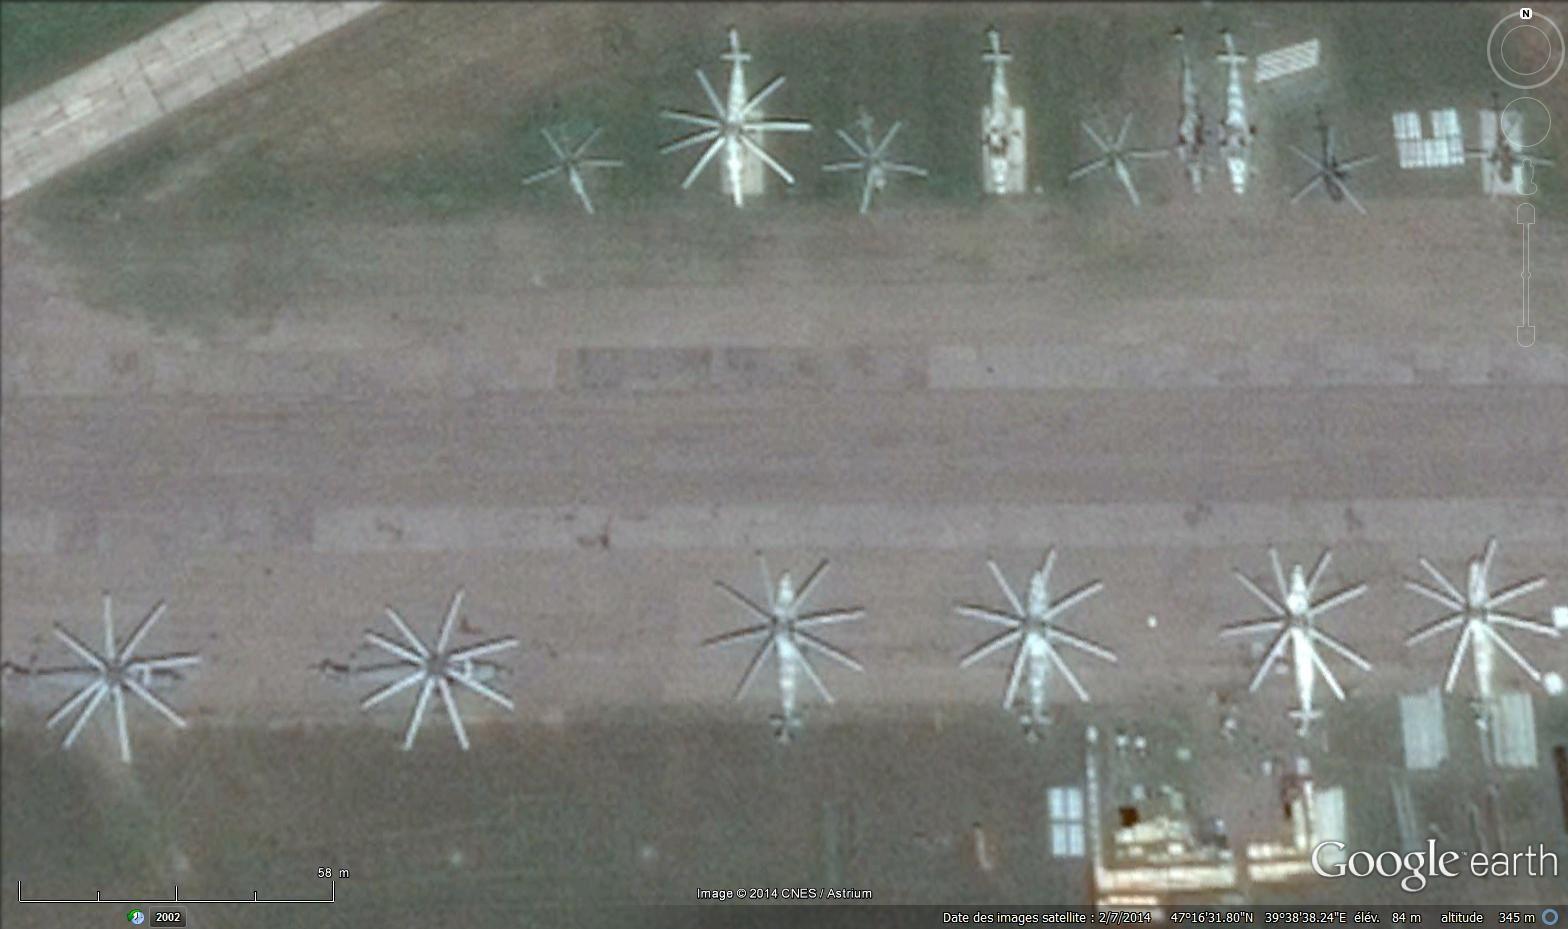 Toute proche, la Russie montre ses muscles (Google earth) : 1. Taganrog juillet 2012, 2. Rostov, juillet 2014.